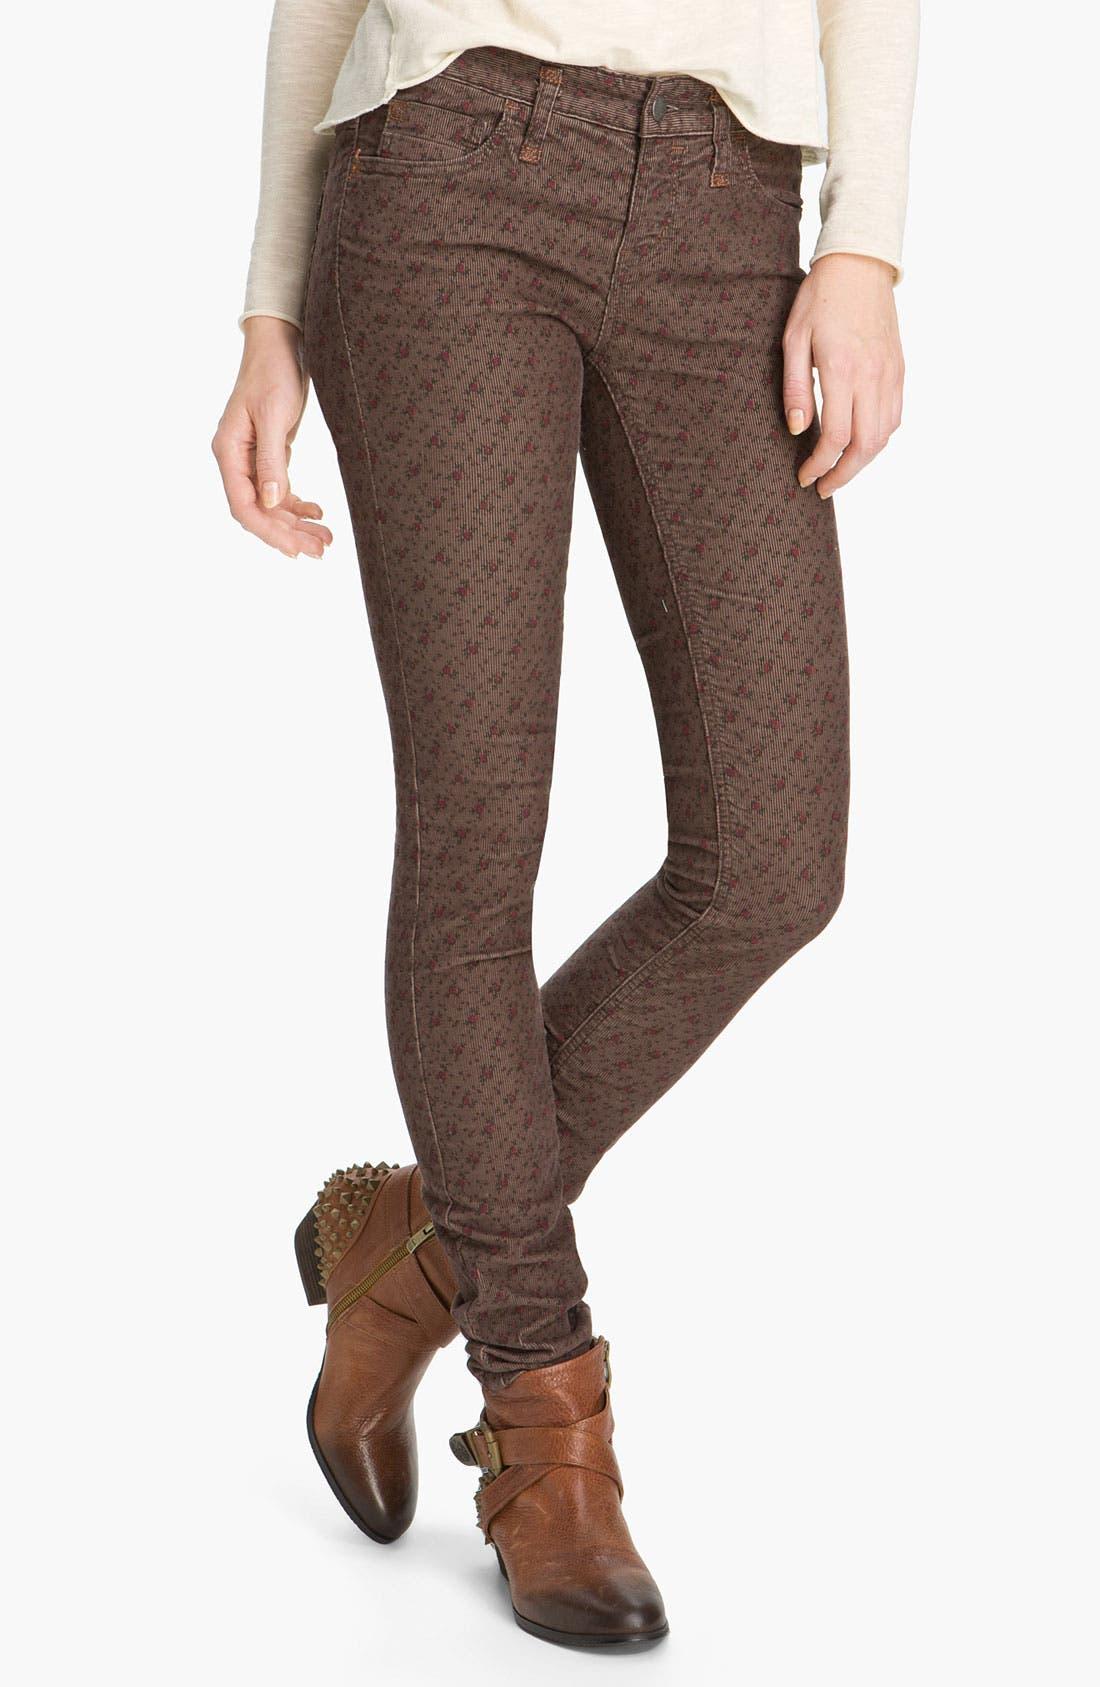 Alternate Image 1 Selected - Free People Floral Print Skinny Corduroy Pants